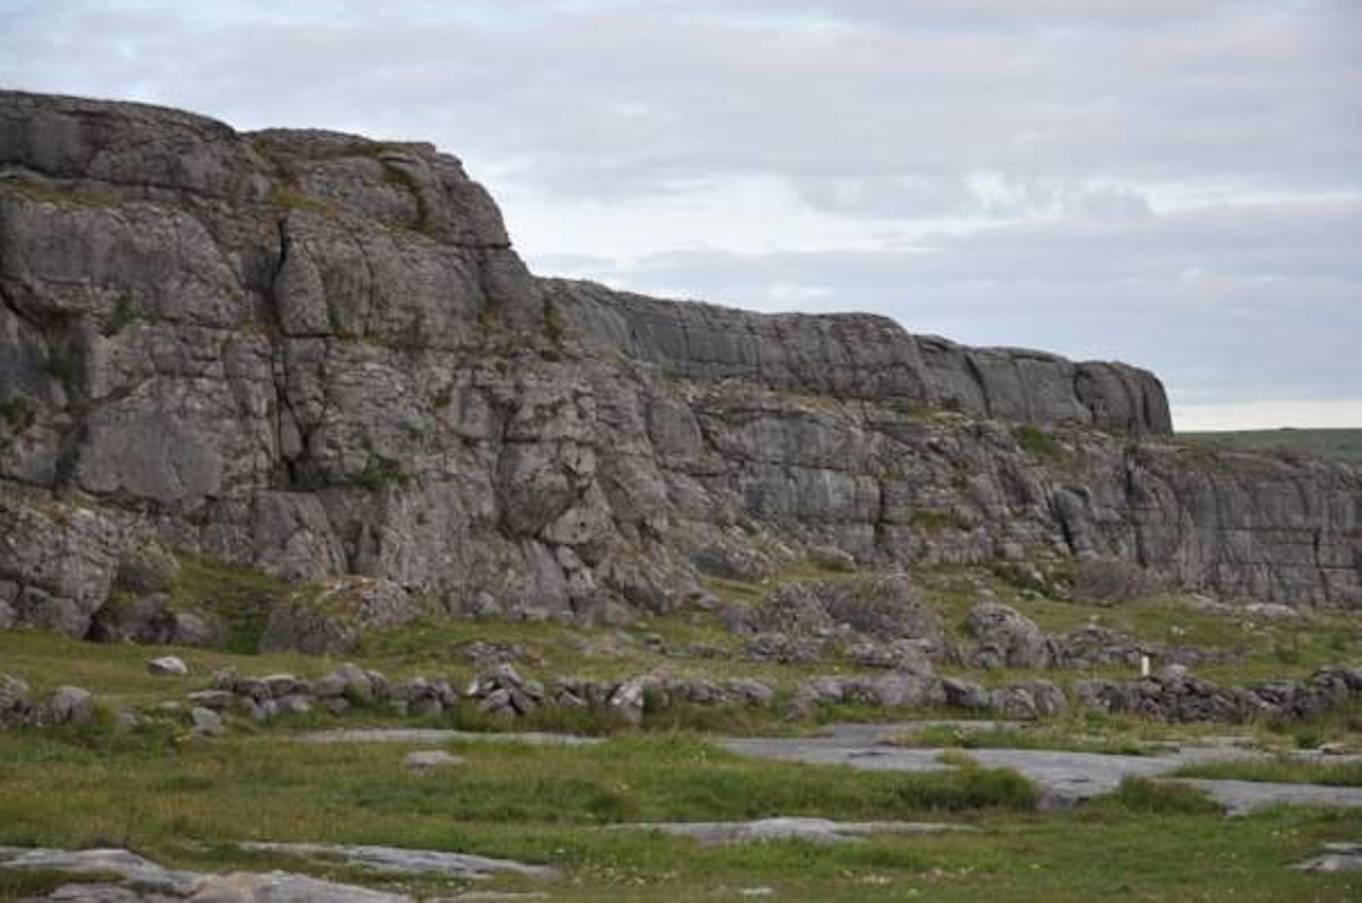 Burren Rock Formation in the Burren